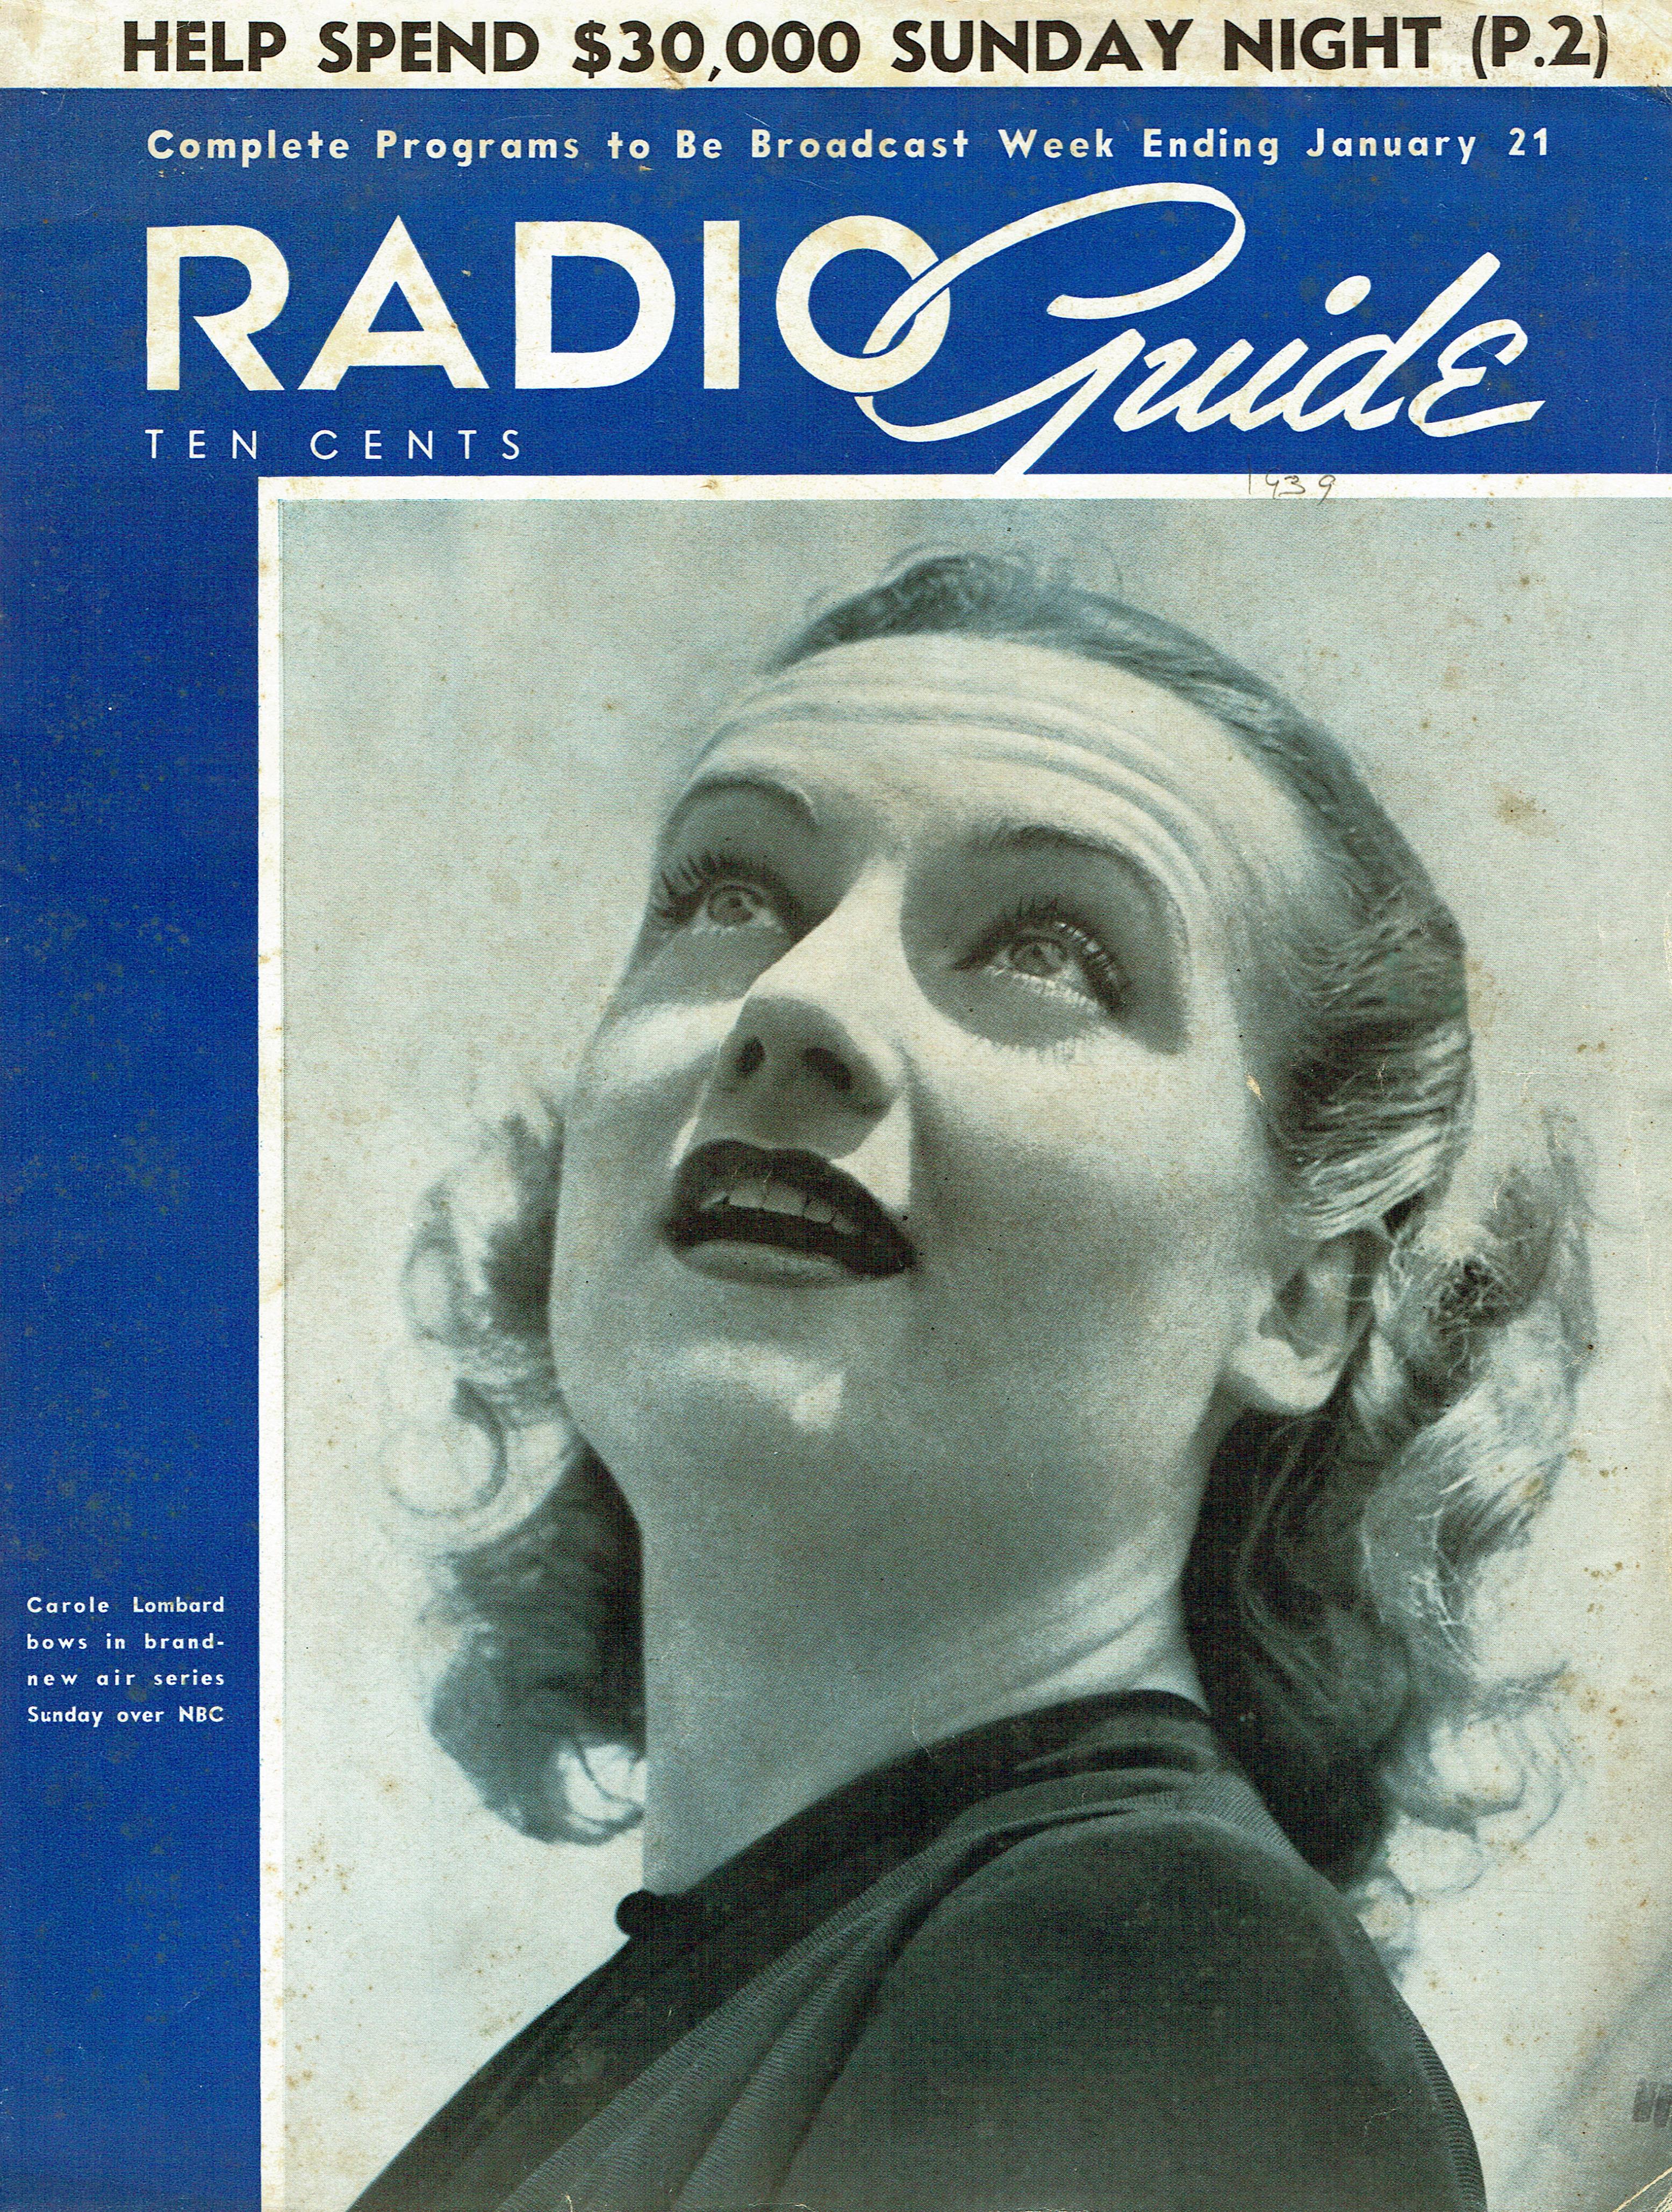 carole lombard radio guide 011539 cover